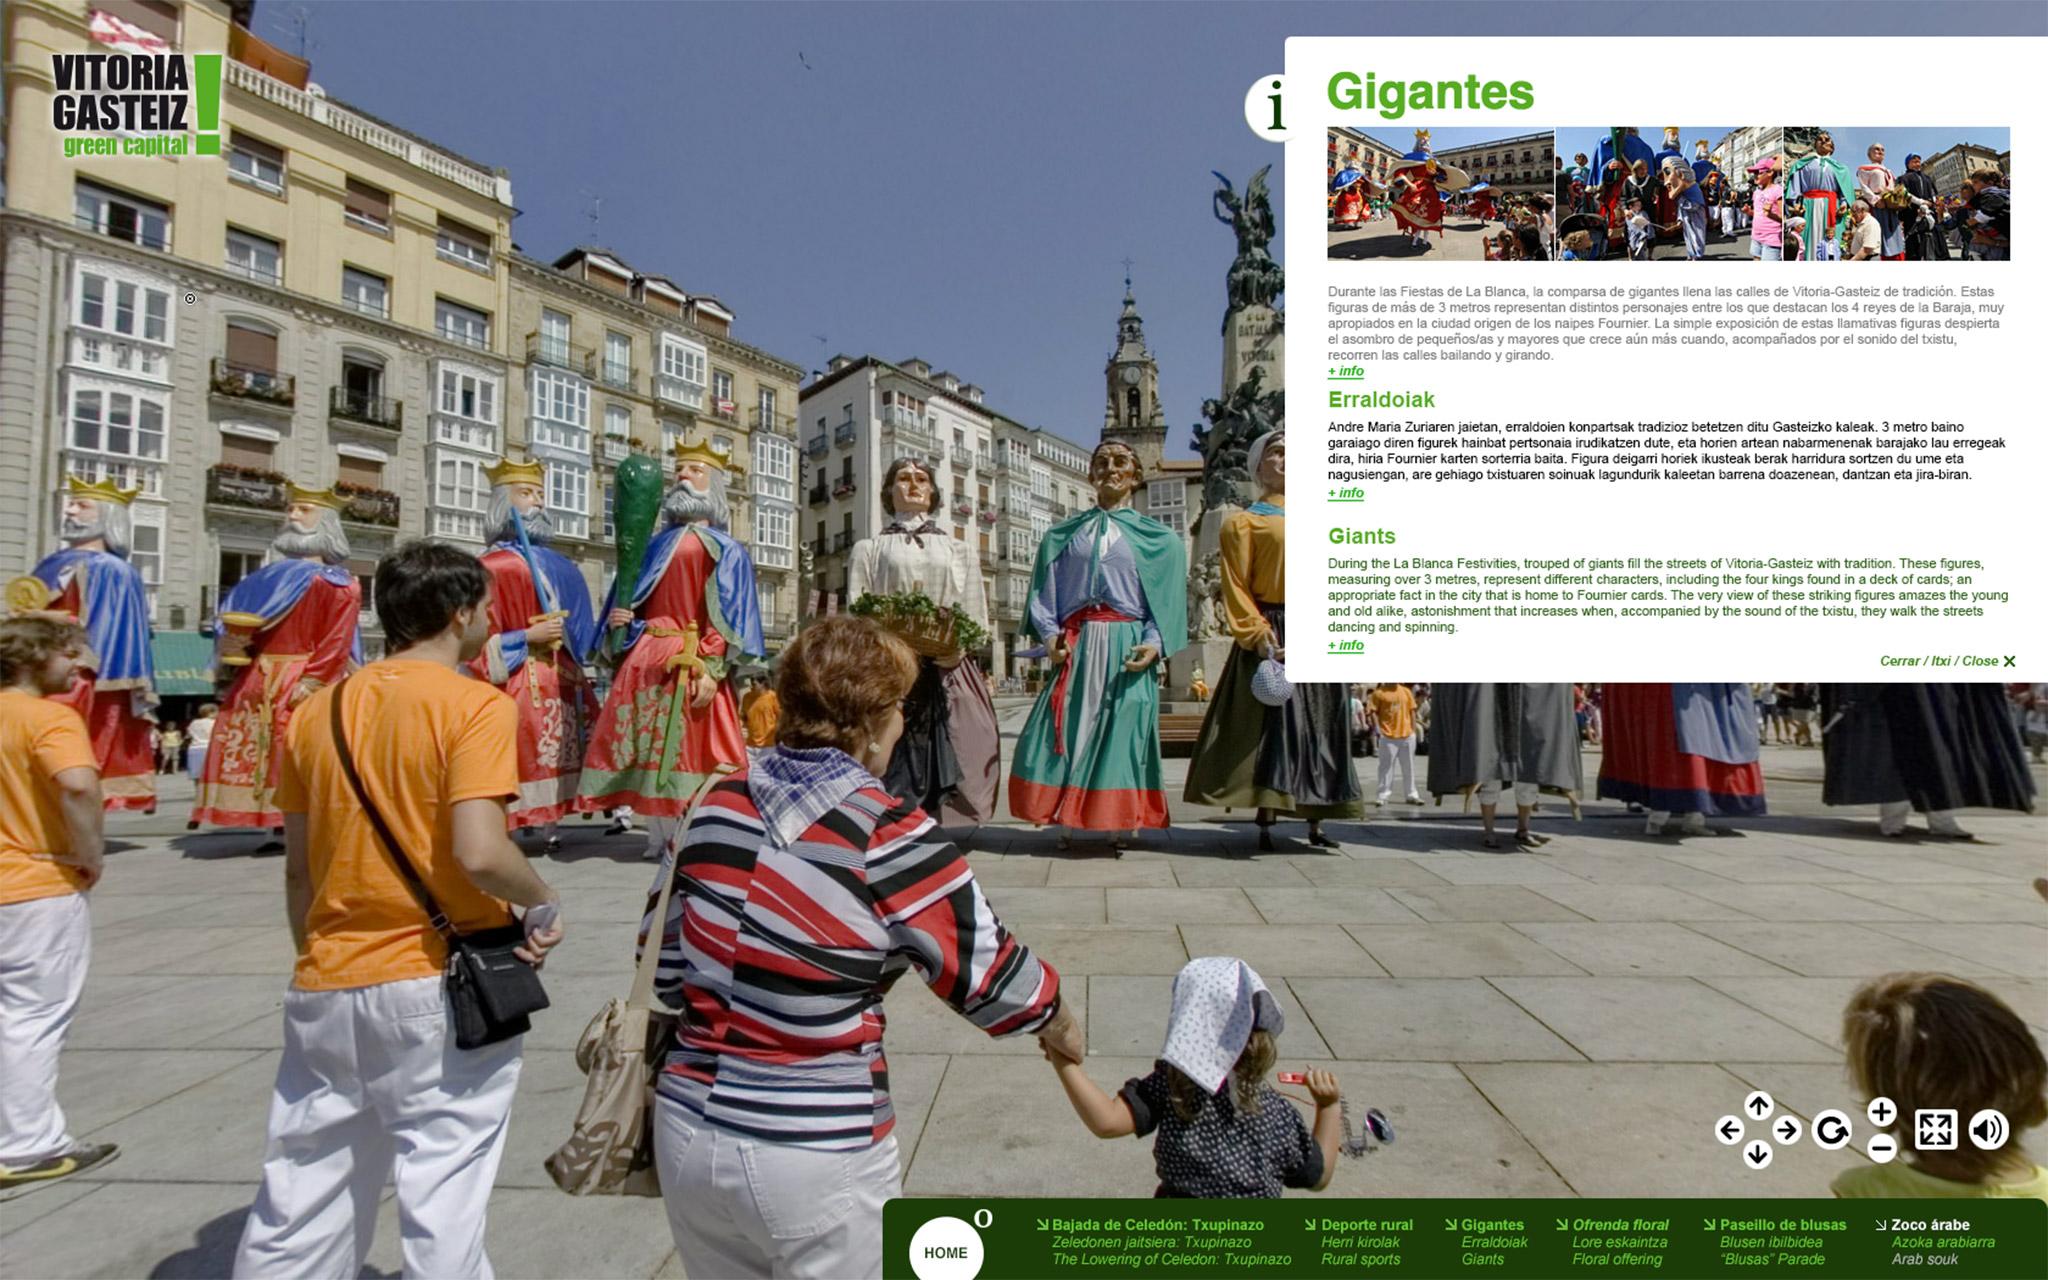 Fotografía de la panorámica en 360º de los Gigantes en la Visita Virtual La Blanca 360º